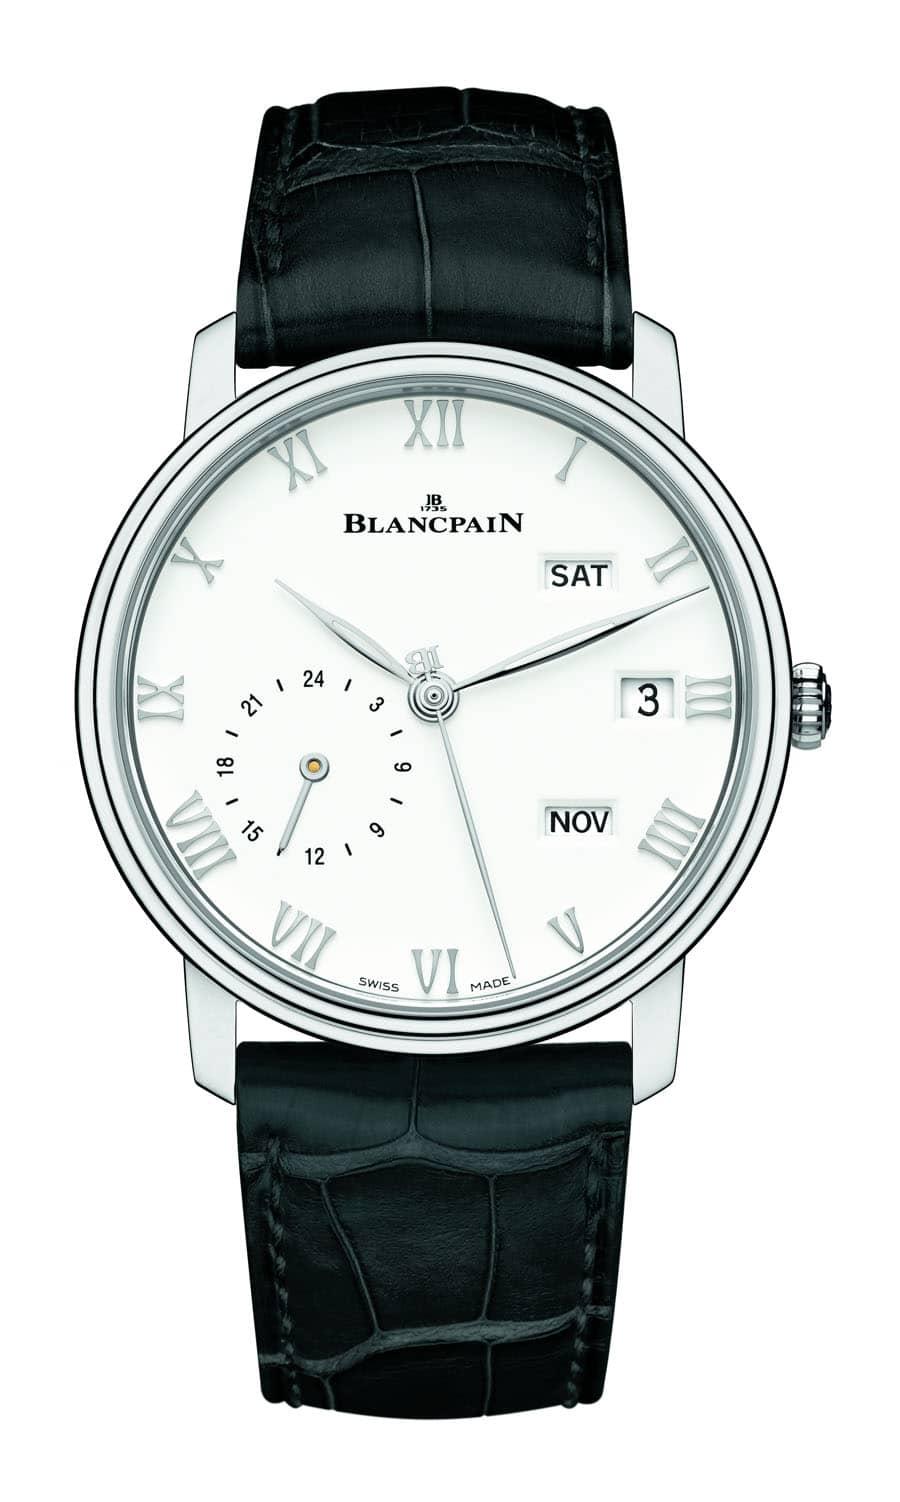 Blancpain Villeret Jahreskalender mit GMT